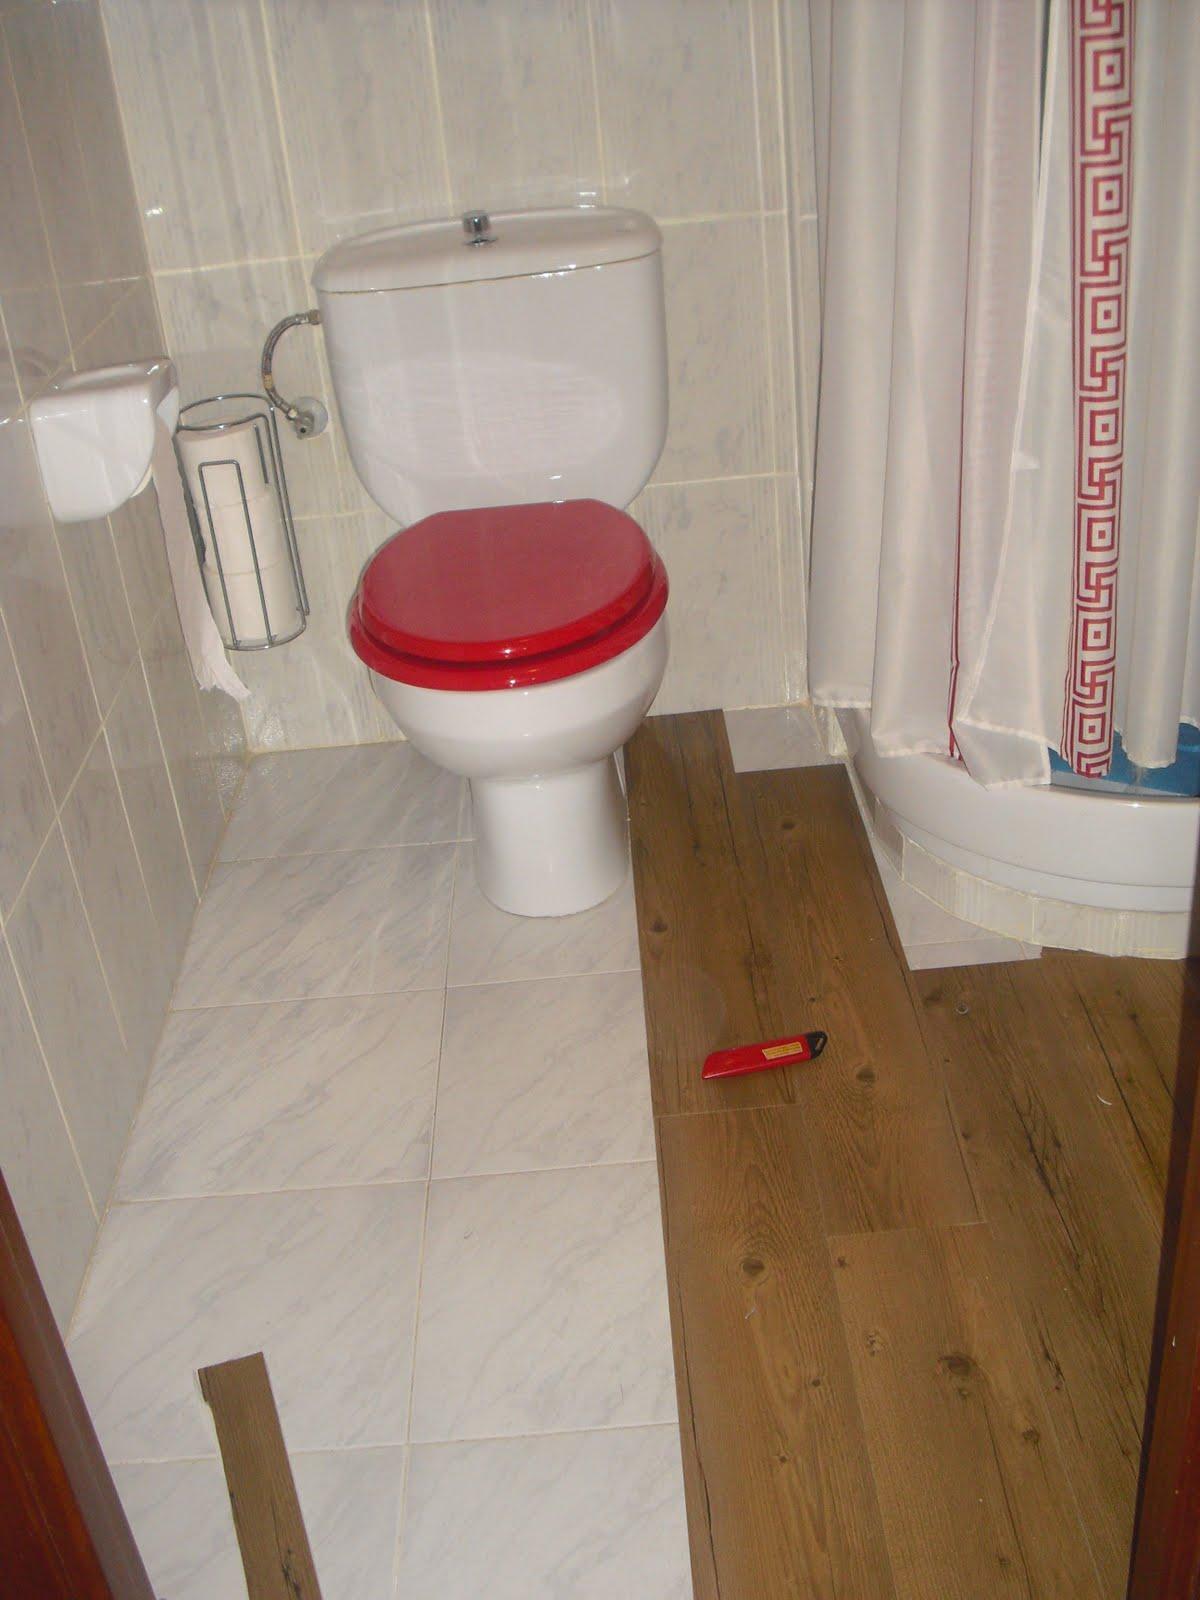 Renovar ba o con suelo vinilico decoraci n - Suelo vinilico para bano ...